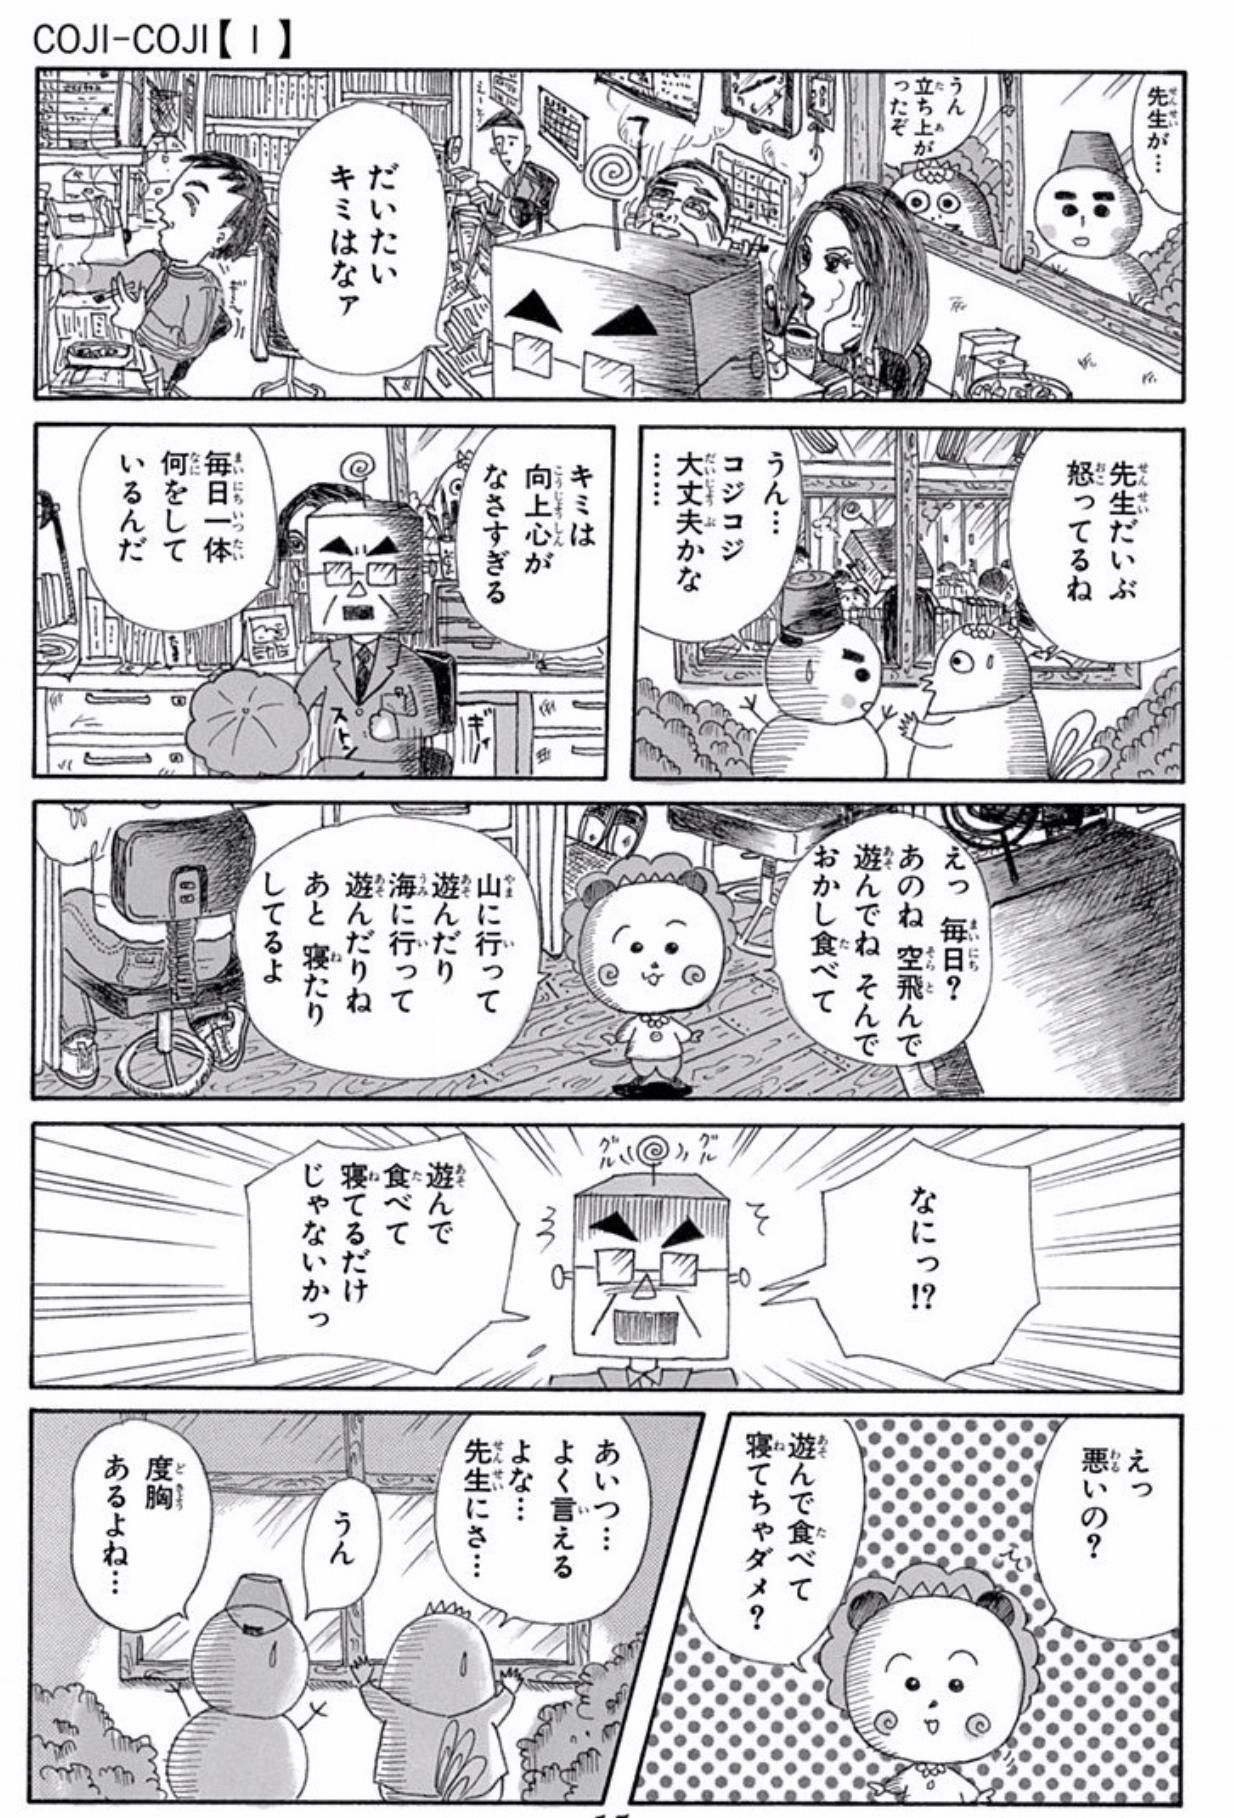 漫画「コジコジ」の名言&神回まとめ1:自分はいつまで経っても自分【コジコジ】